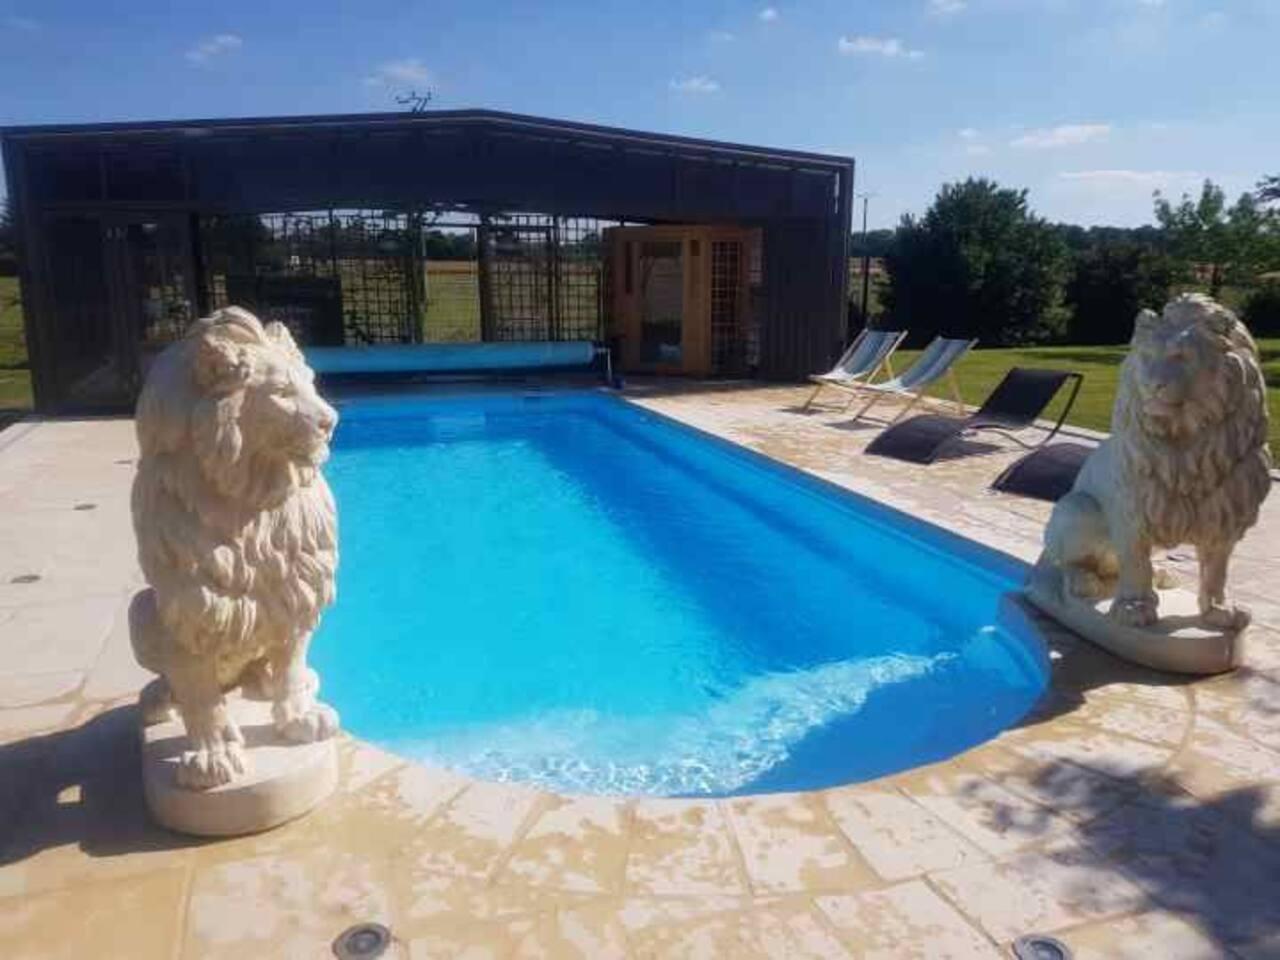 L'espace piscine de 4m20 sur 9m50 profondeur de 1m50 avec escalier romain chauffée a 30 degré, ses transats pour se relaxer , son salon de jardin , son jacuzzi et son sauna . Le dôme s'ouvre ou se ferme selon le climat , il est aussi chauffée l'hiver